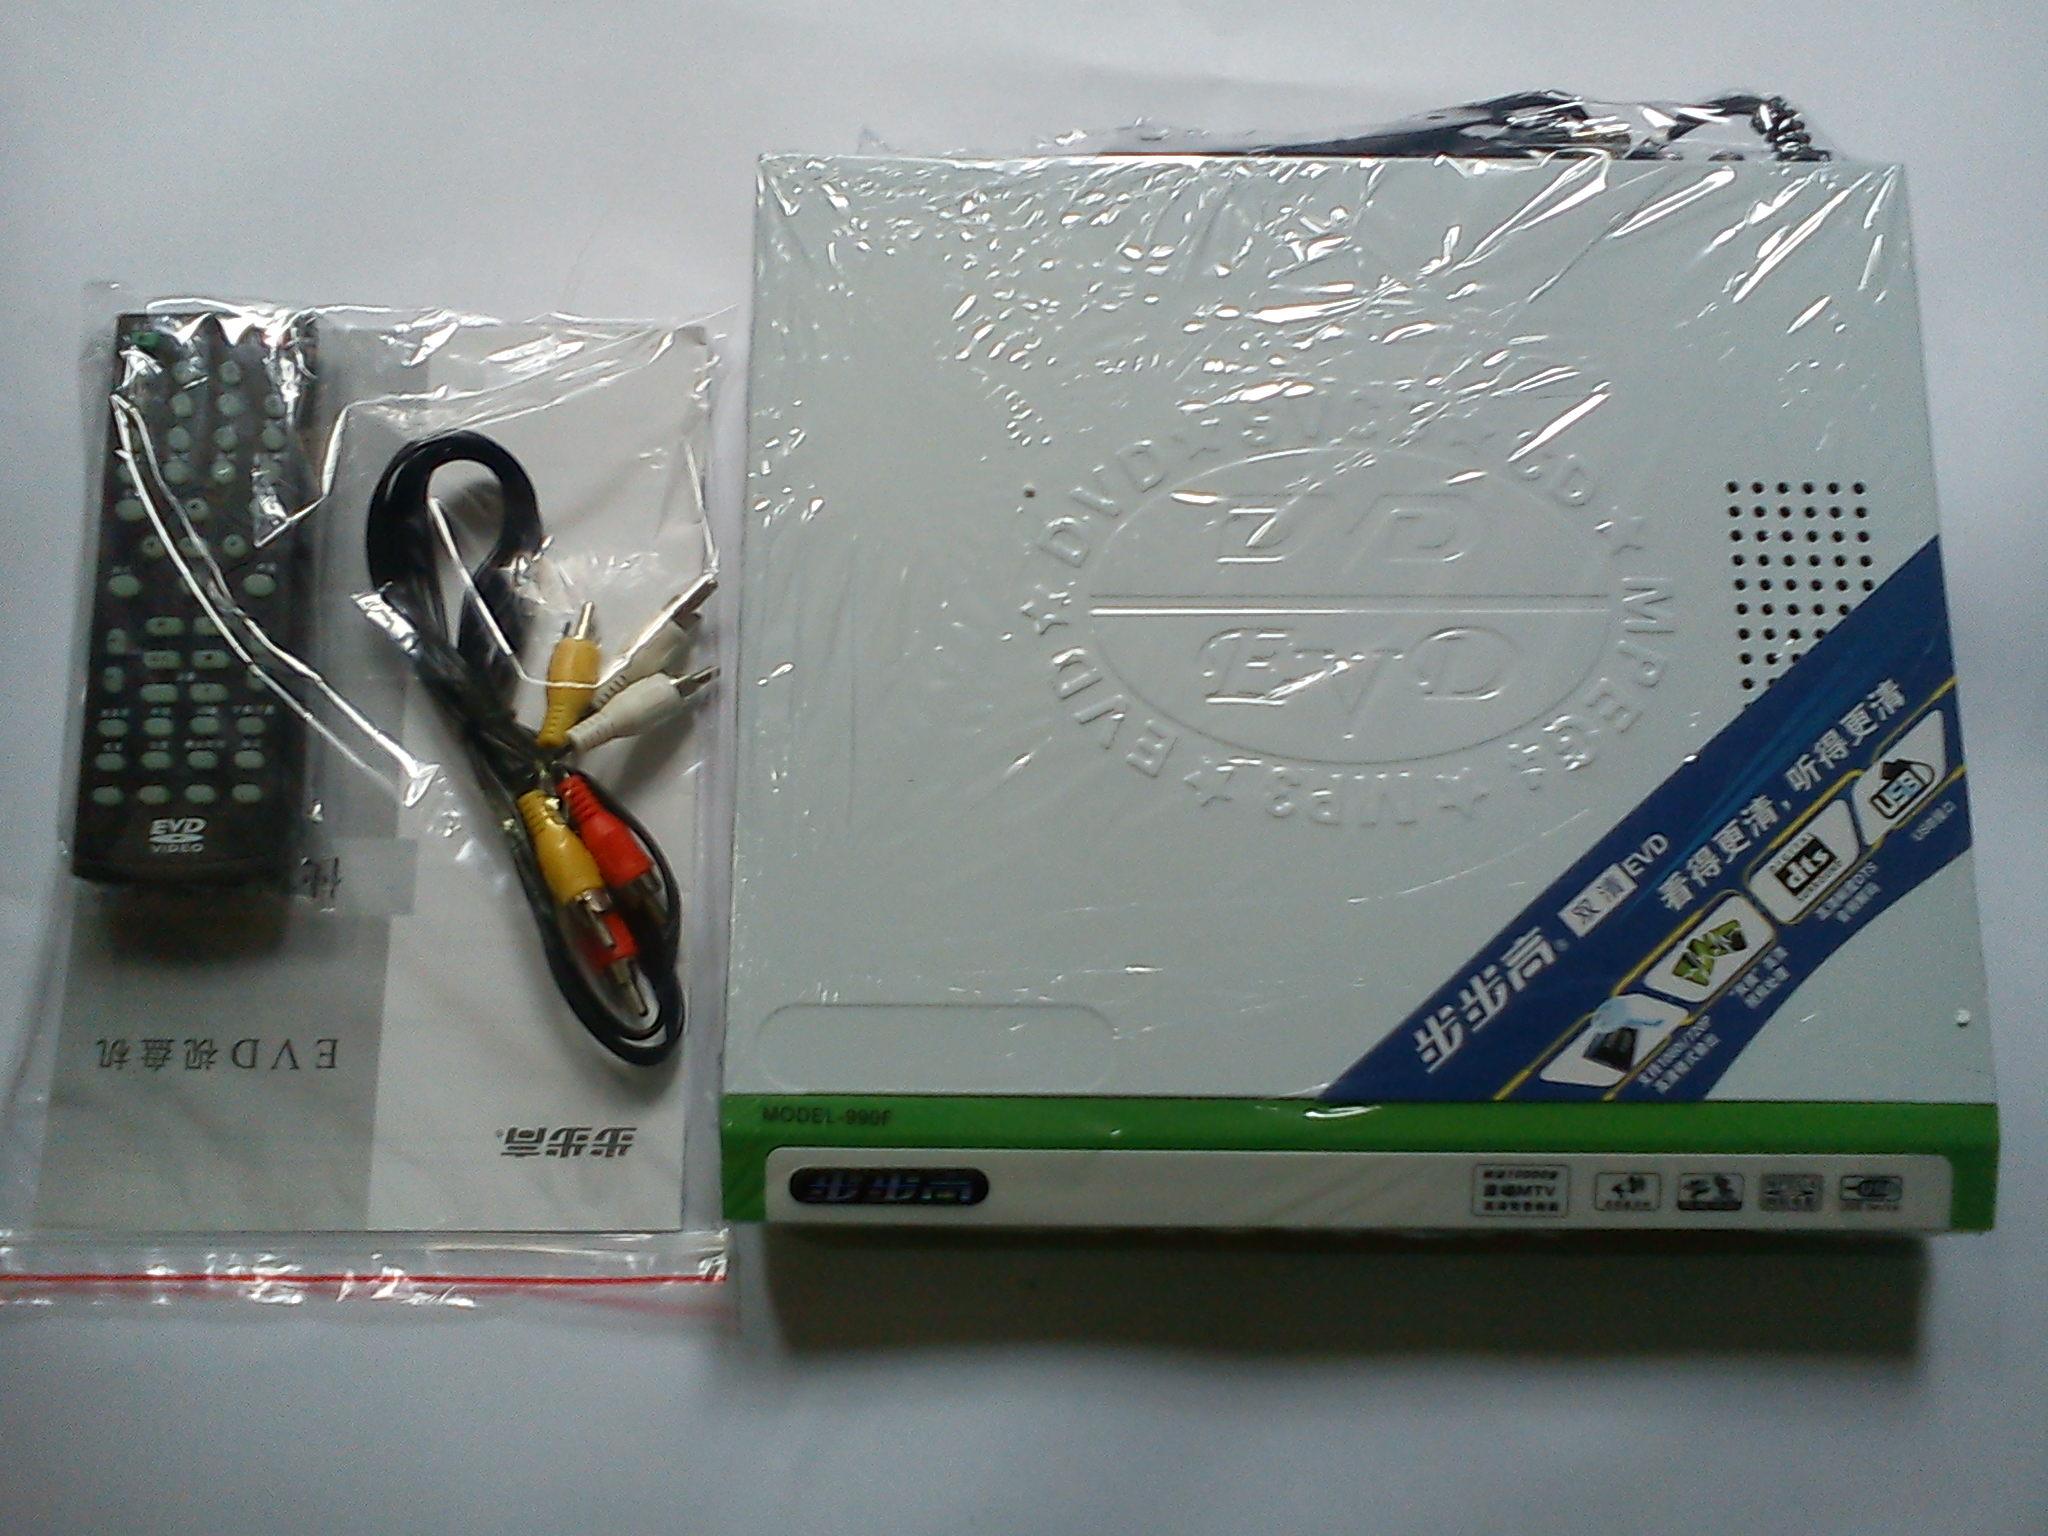 Bbk hd evd dvd player mini dvd disc player evd dvd machine small player(China (Mainland))